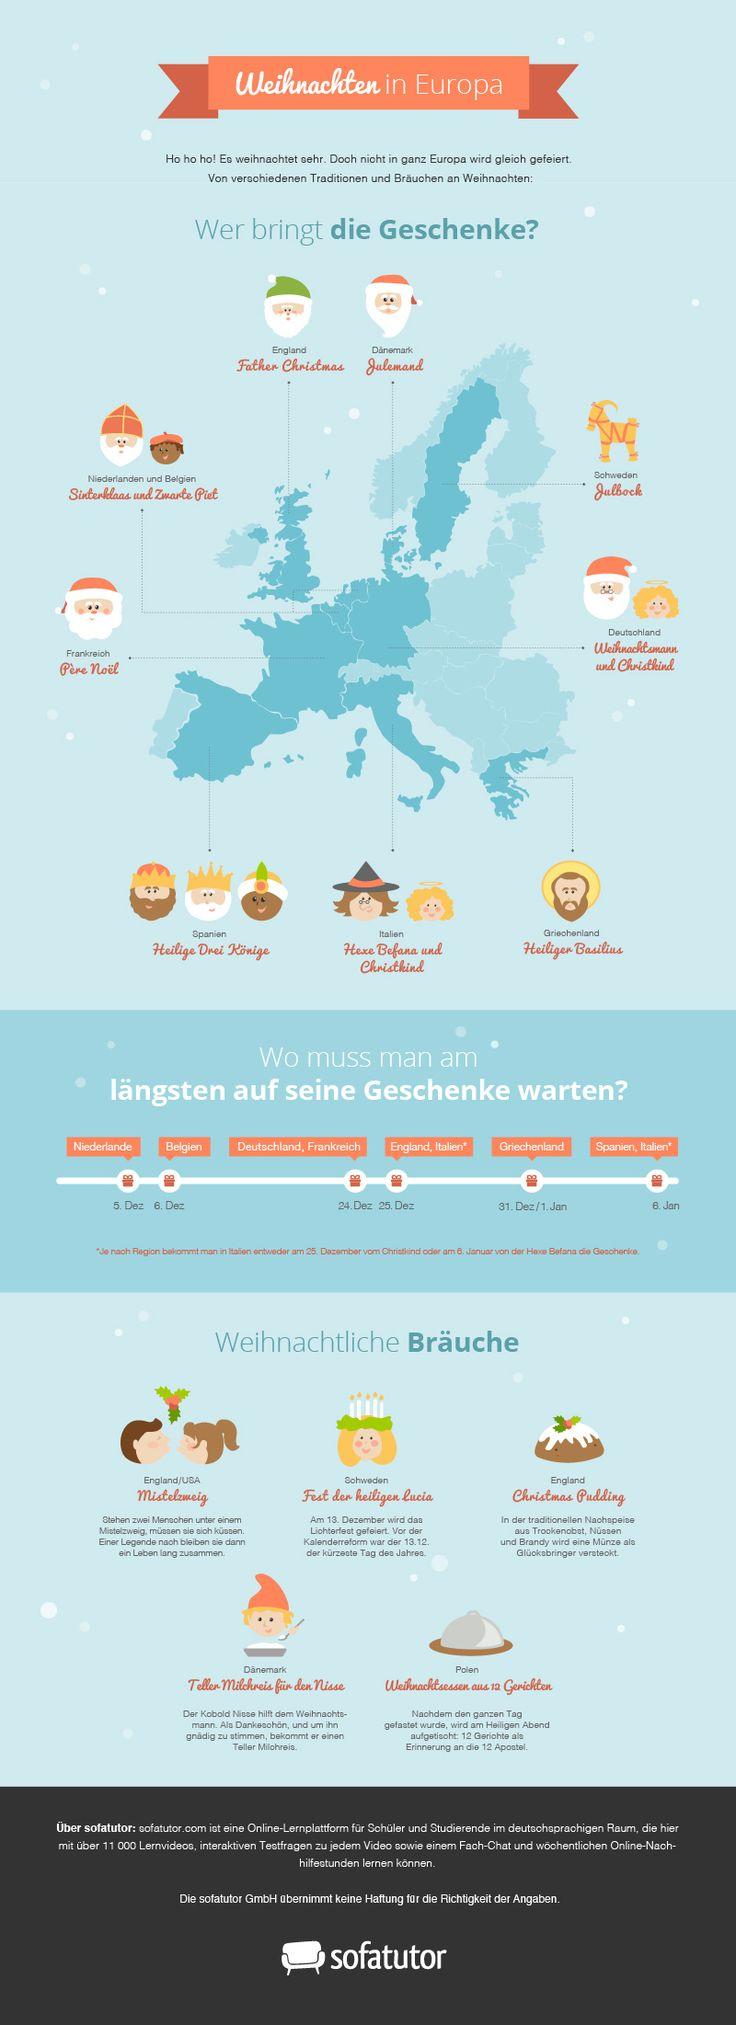 """Infografik """"Weihnachten in Europa"""": Wer bringt wann die Weihnachtsgeschenke? Welche Weihnachtsbräuche gibt es in Europa? (http://magazin.sofatutor.com/lehrer/) Infografik zu Weihnachten"""